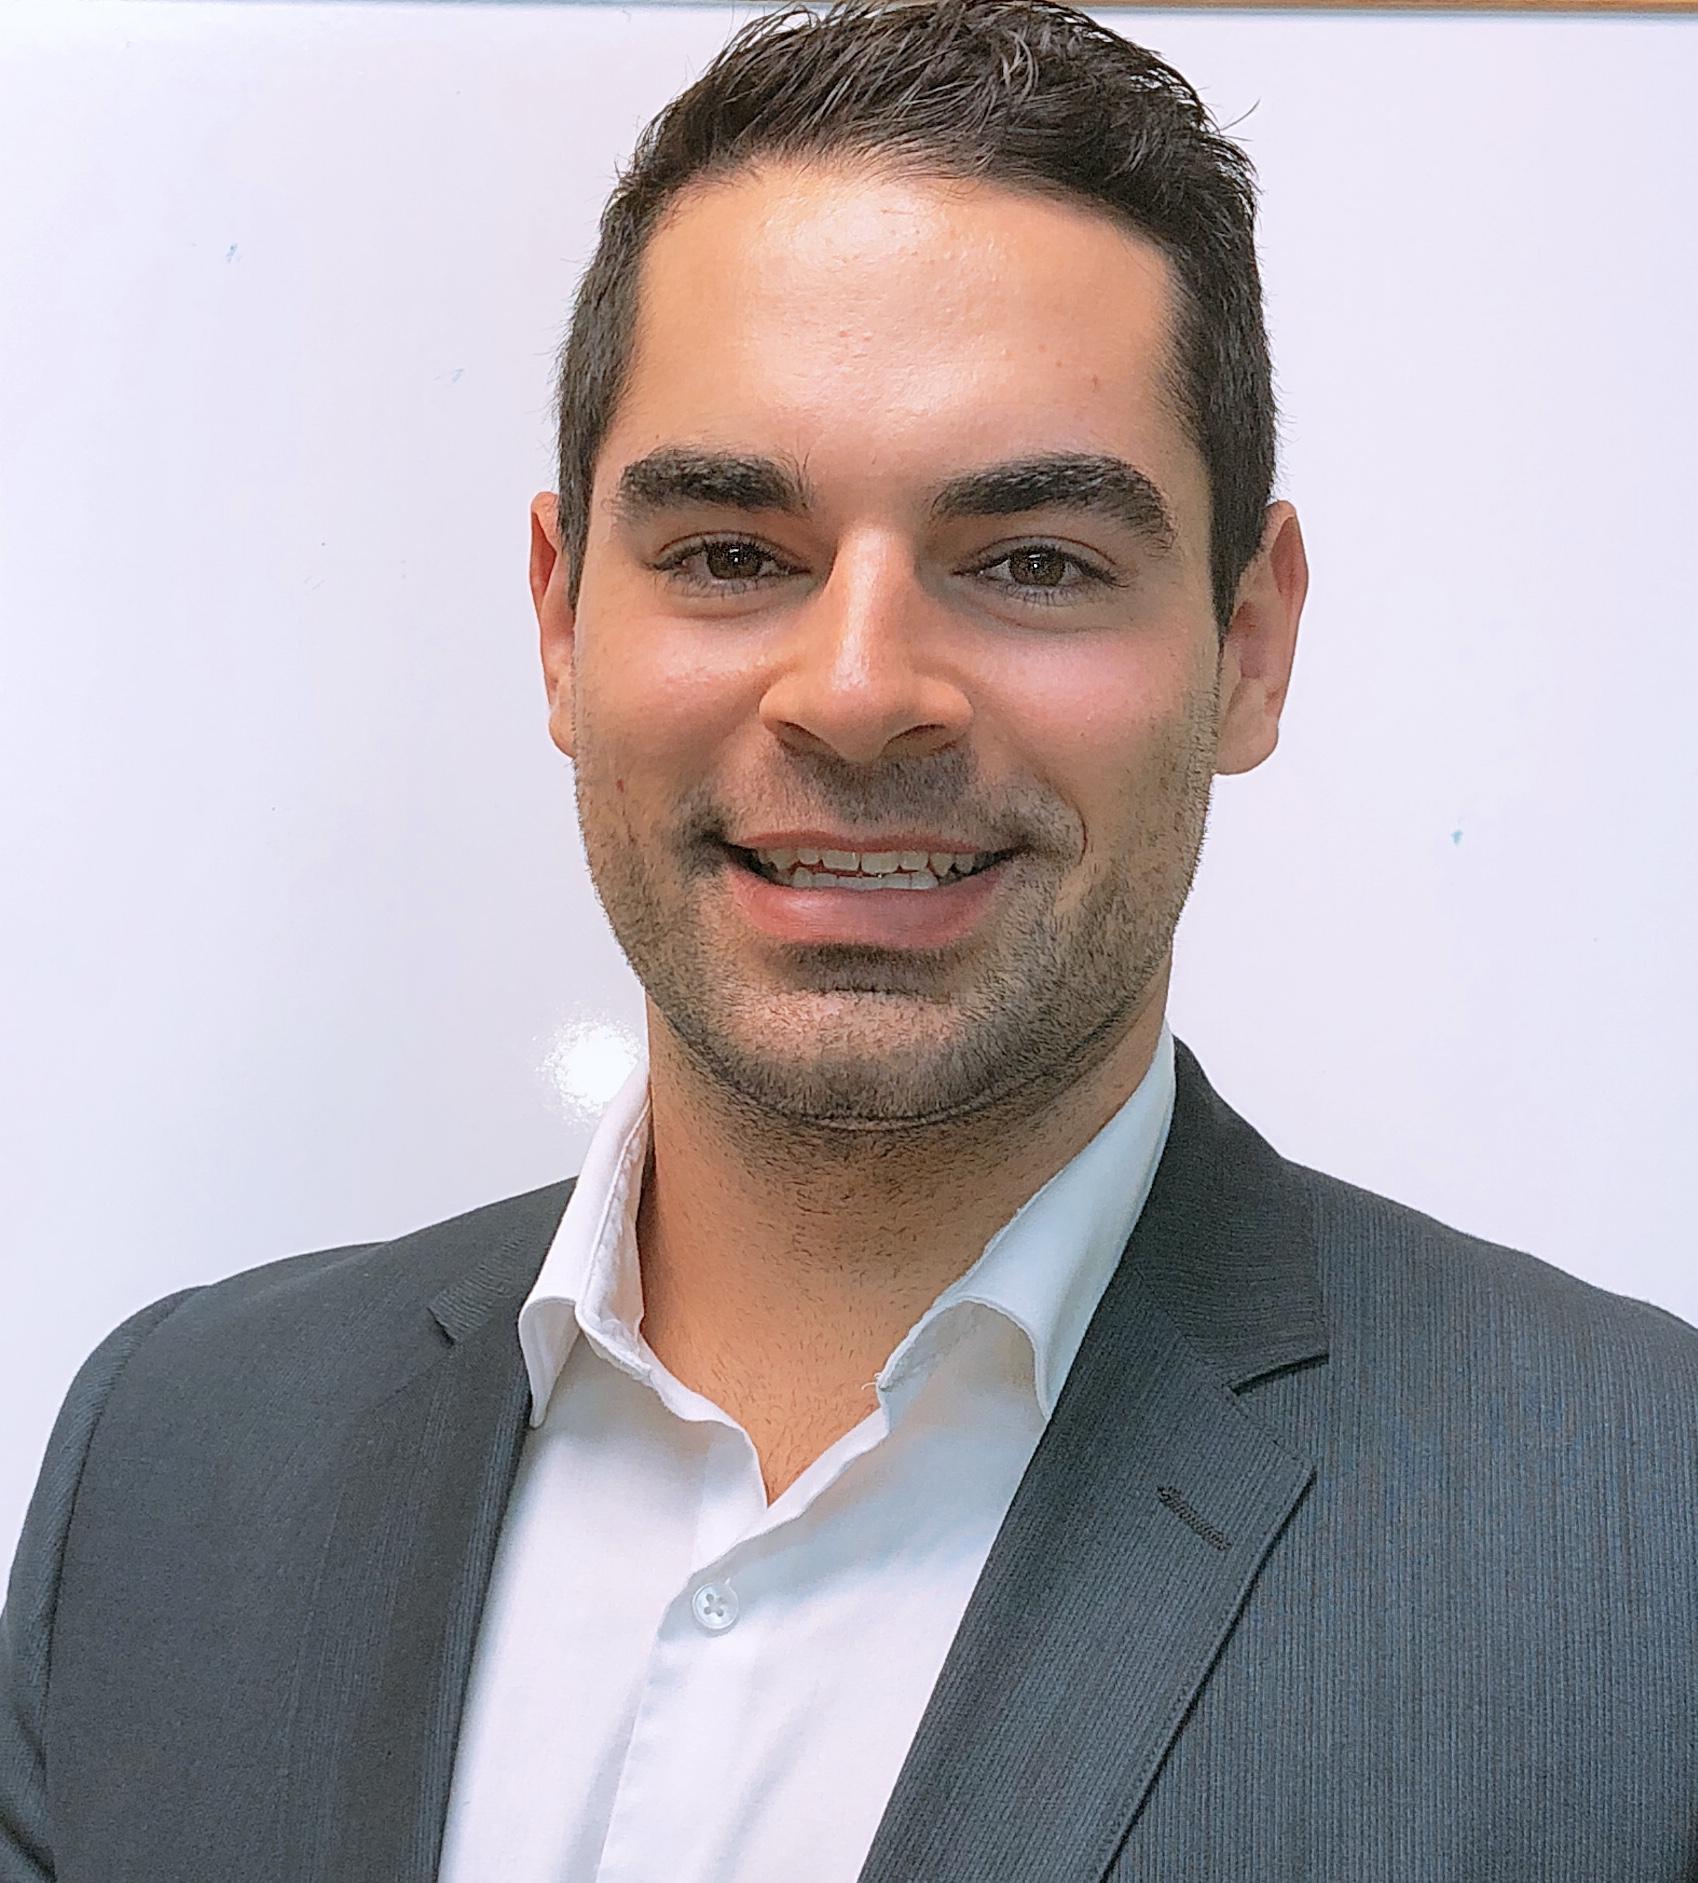 Kevin Saucier